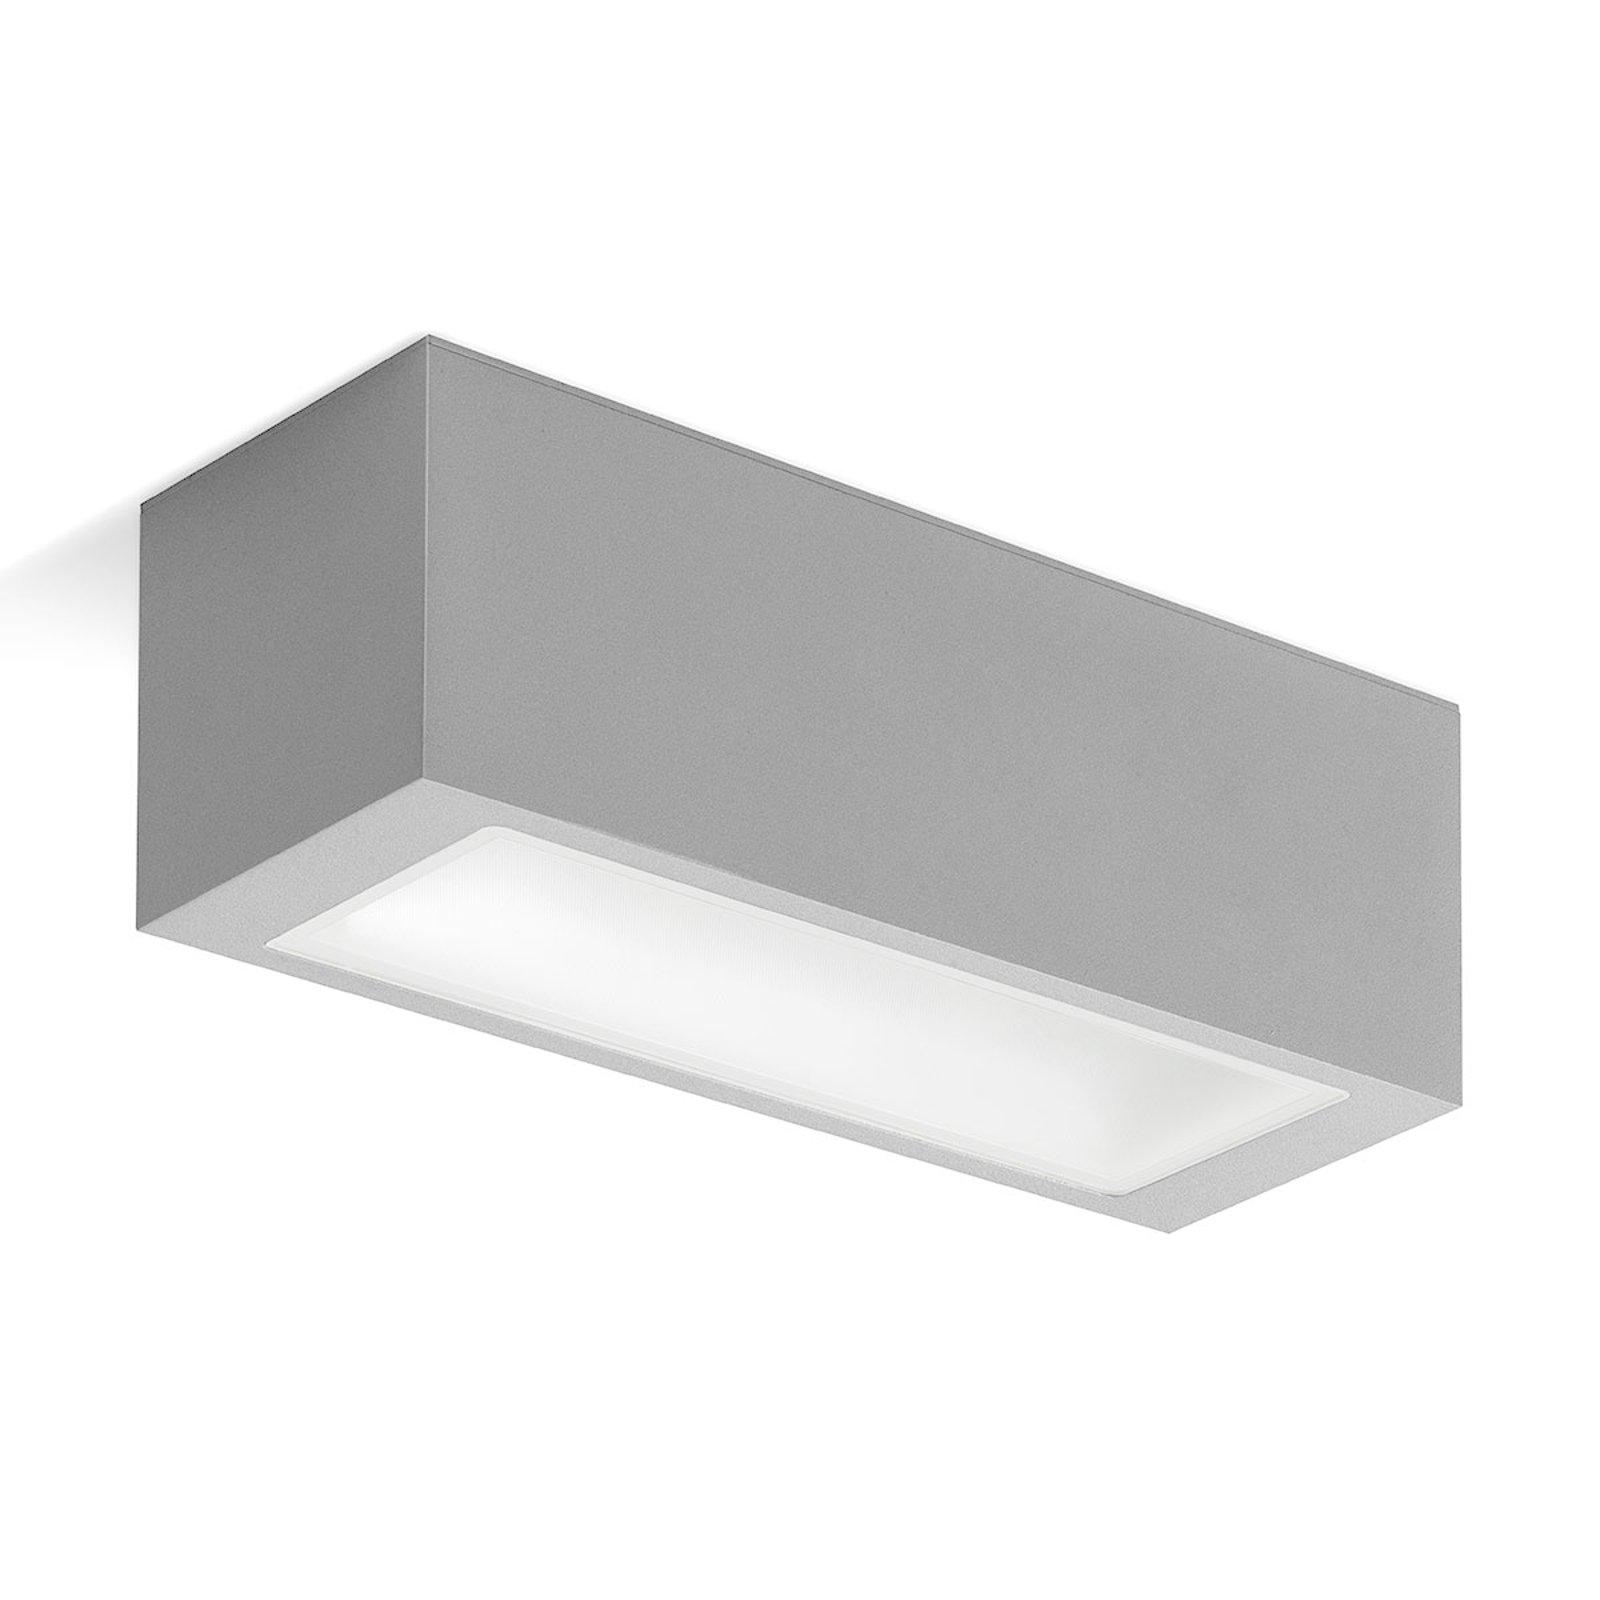 LED-vegglampe 303553, optisk asymmetrisk 4 000 K